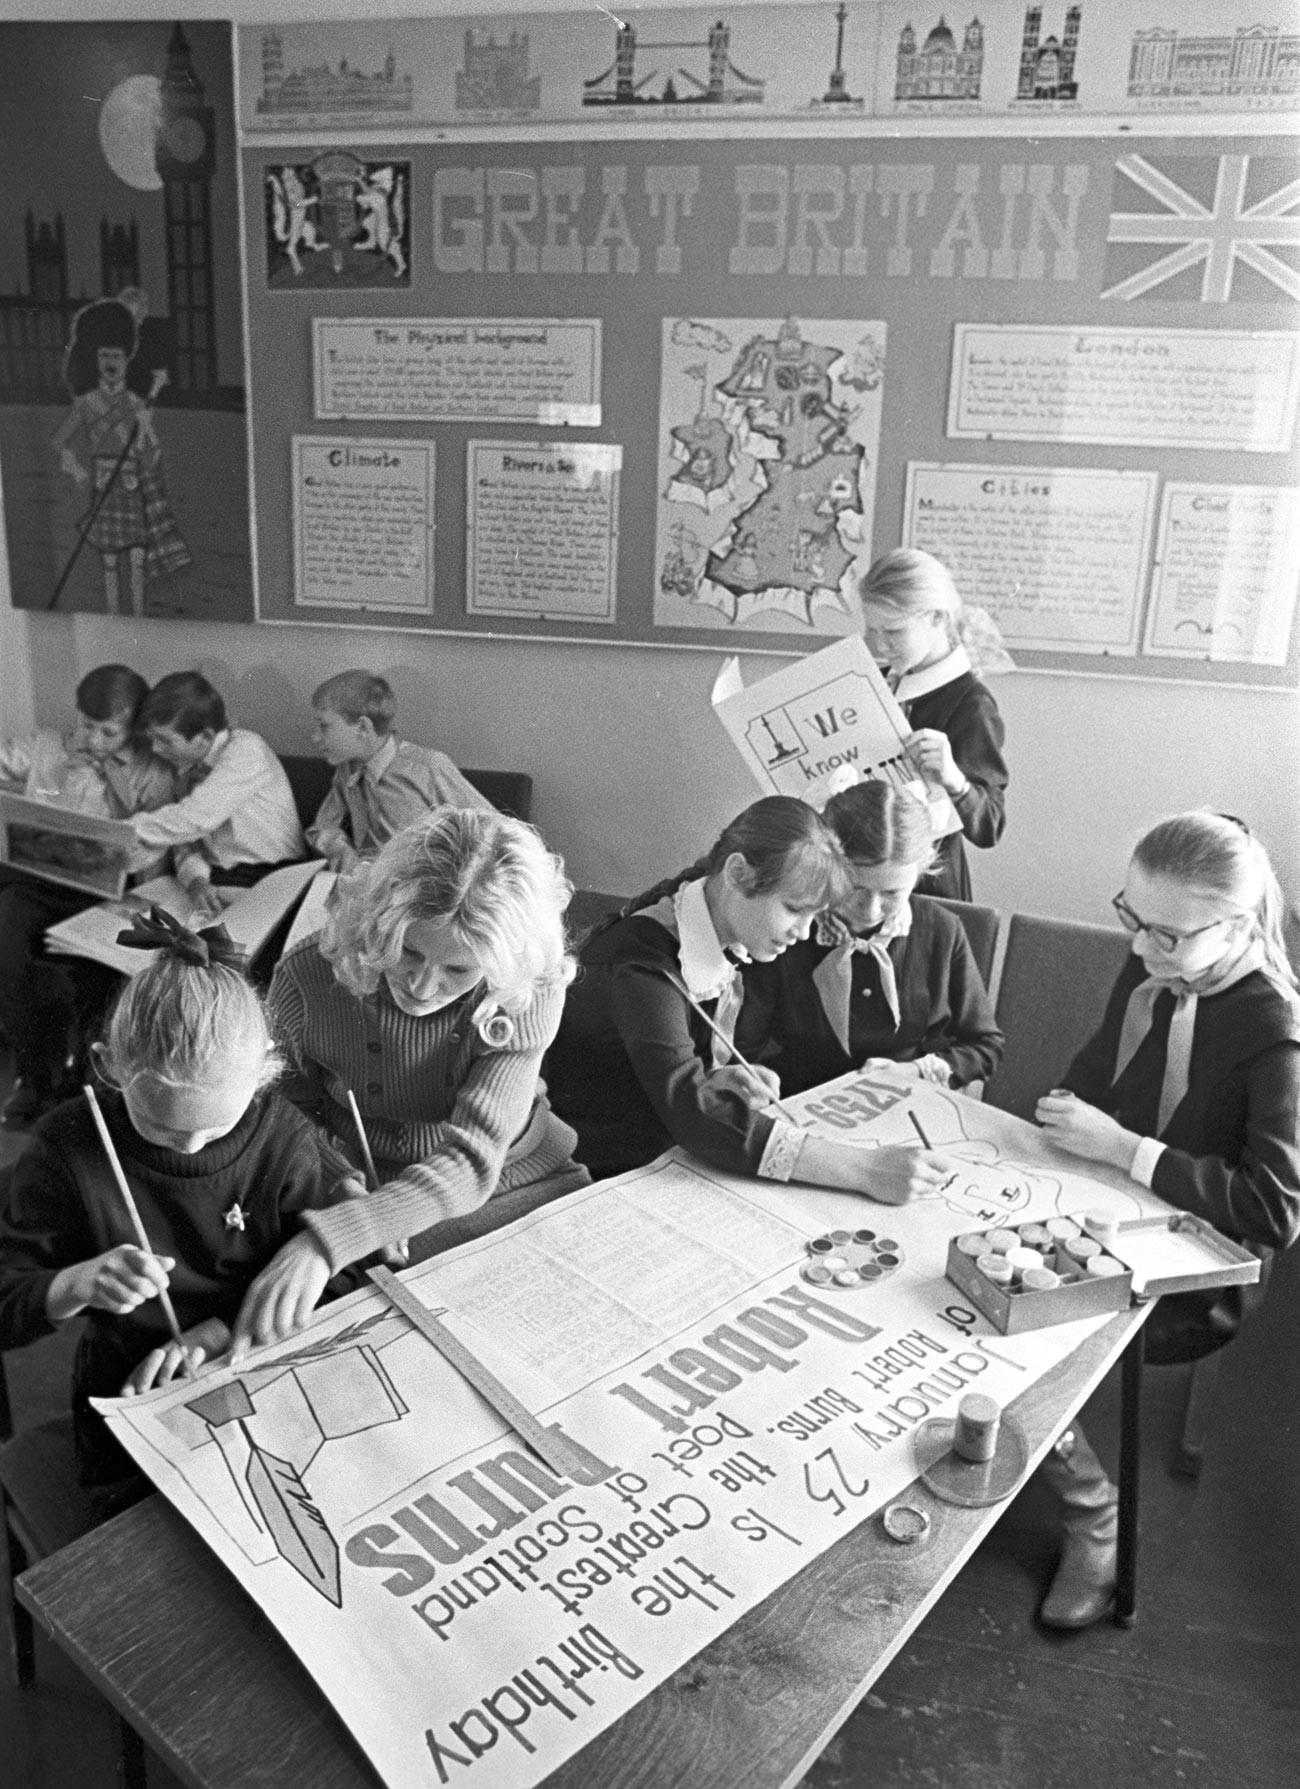 Plusieurs générations d'étudiants soviétiques ont appris l'anglais avec le best-seller de Bonk.